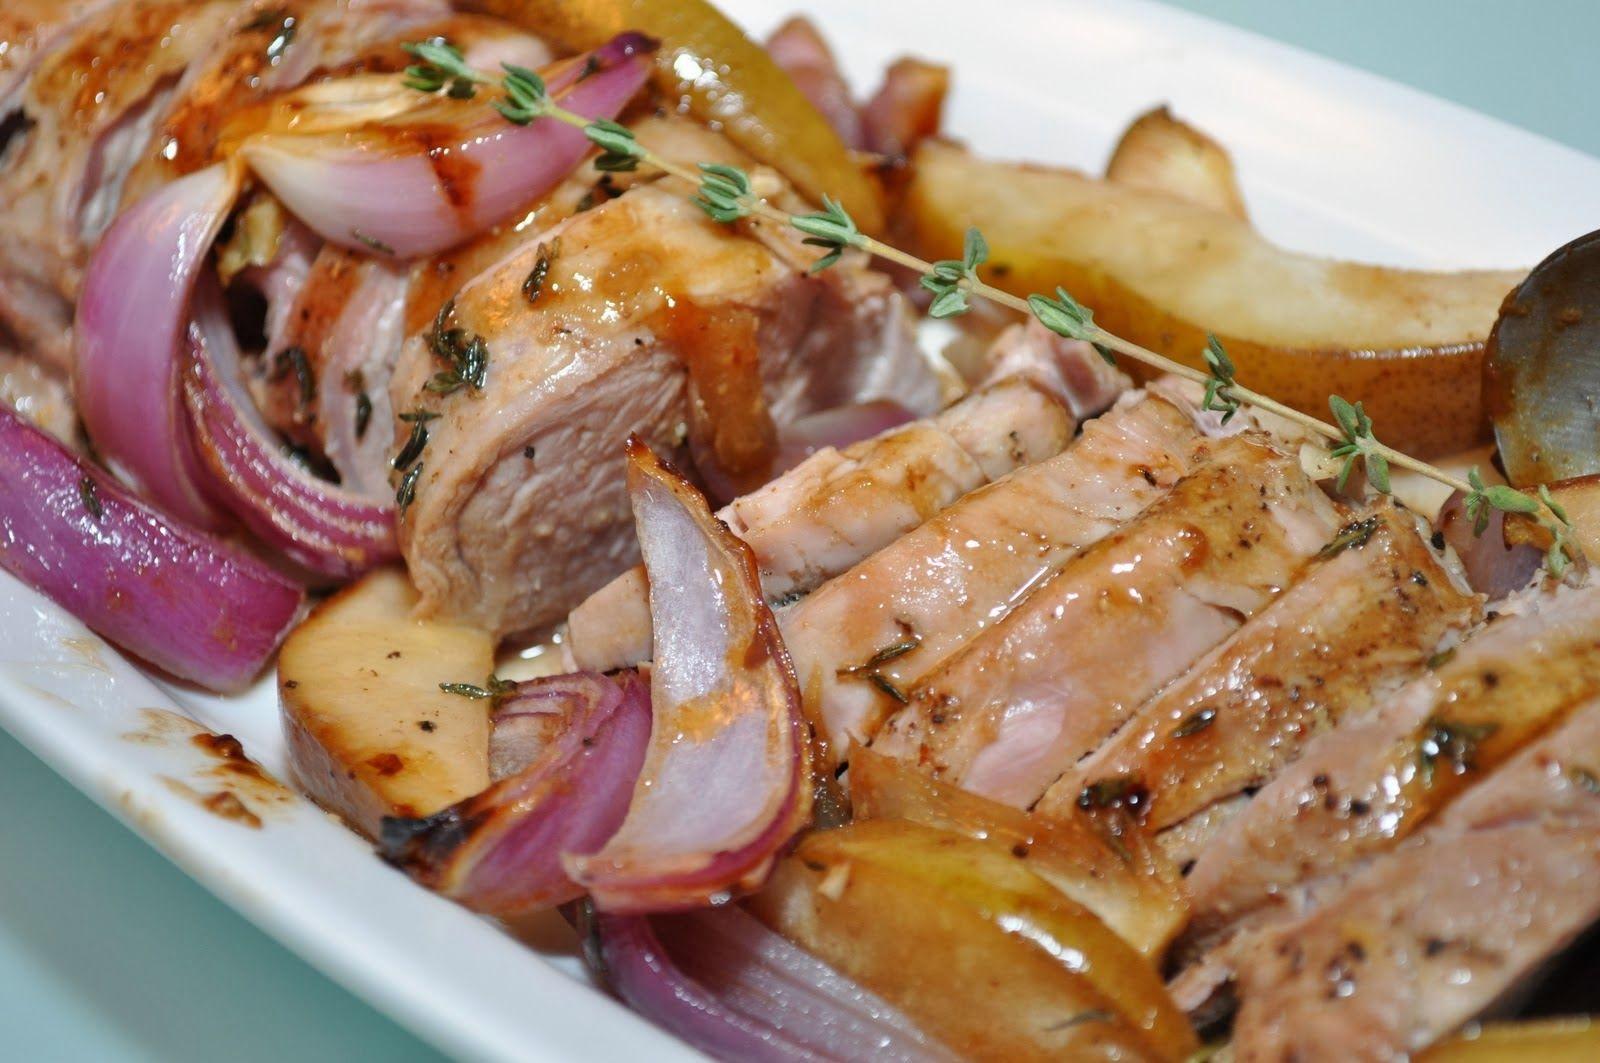 Lombo de porco assado roasted pork tenderloin brazilian food lombo de porco assado roasted pork tenderloin brazilian food recipes forumfinder Gallery